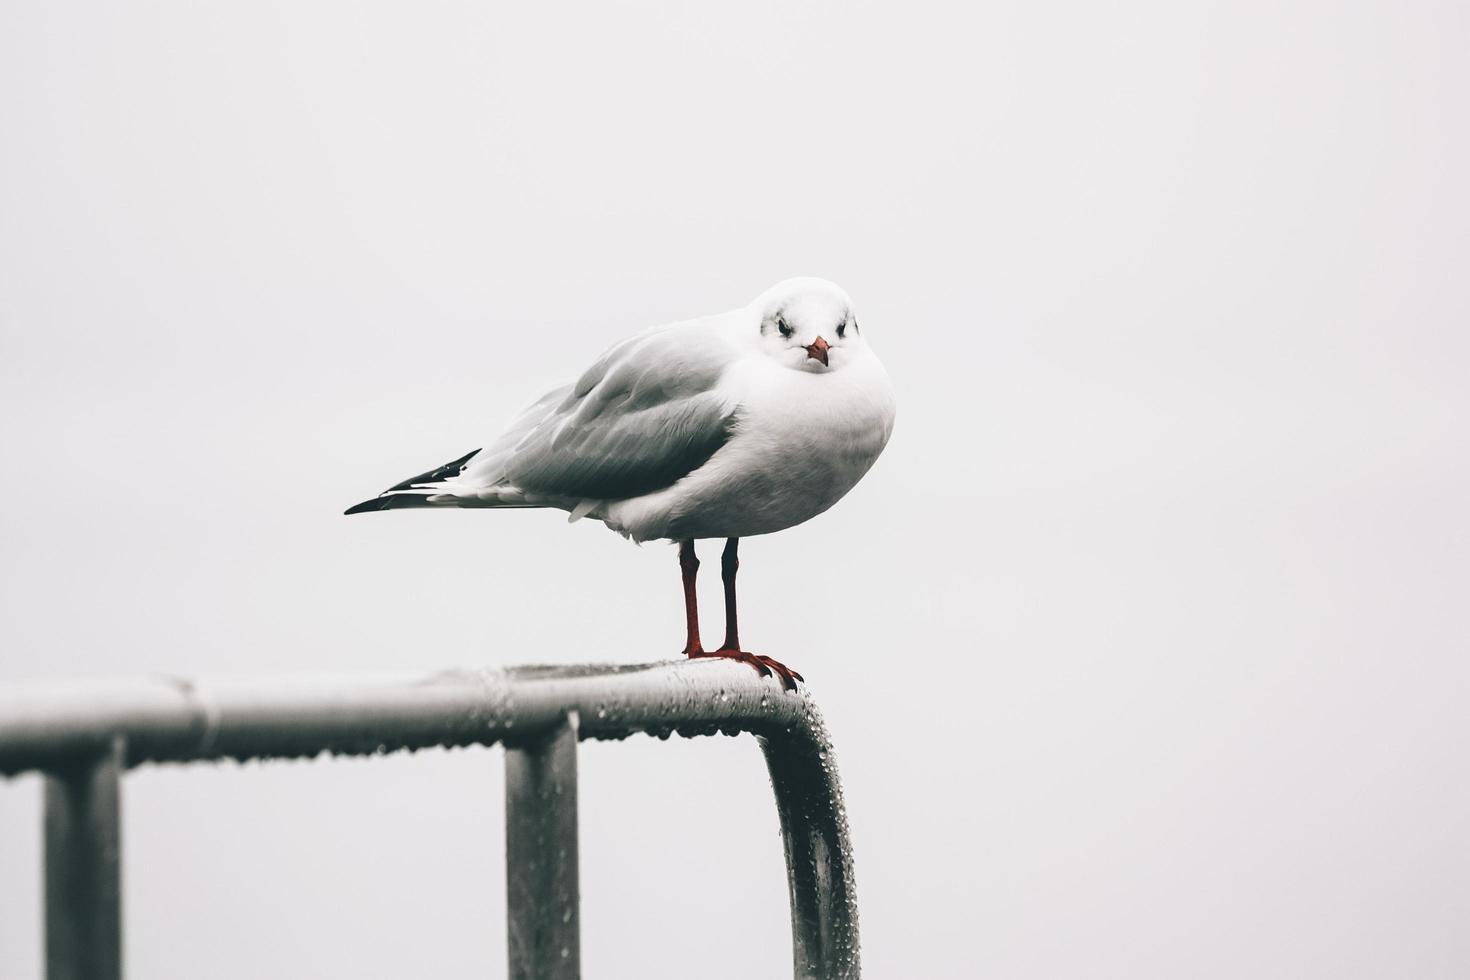 mouette blanche sur balustrade en métal photo